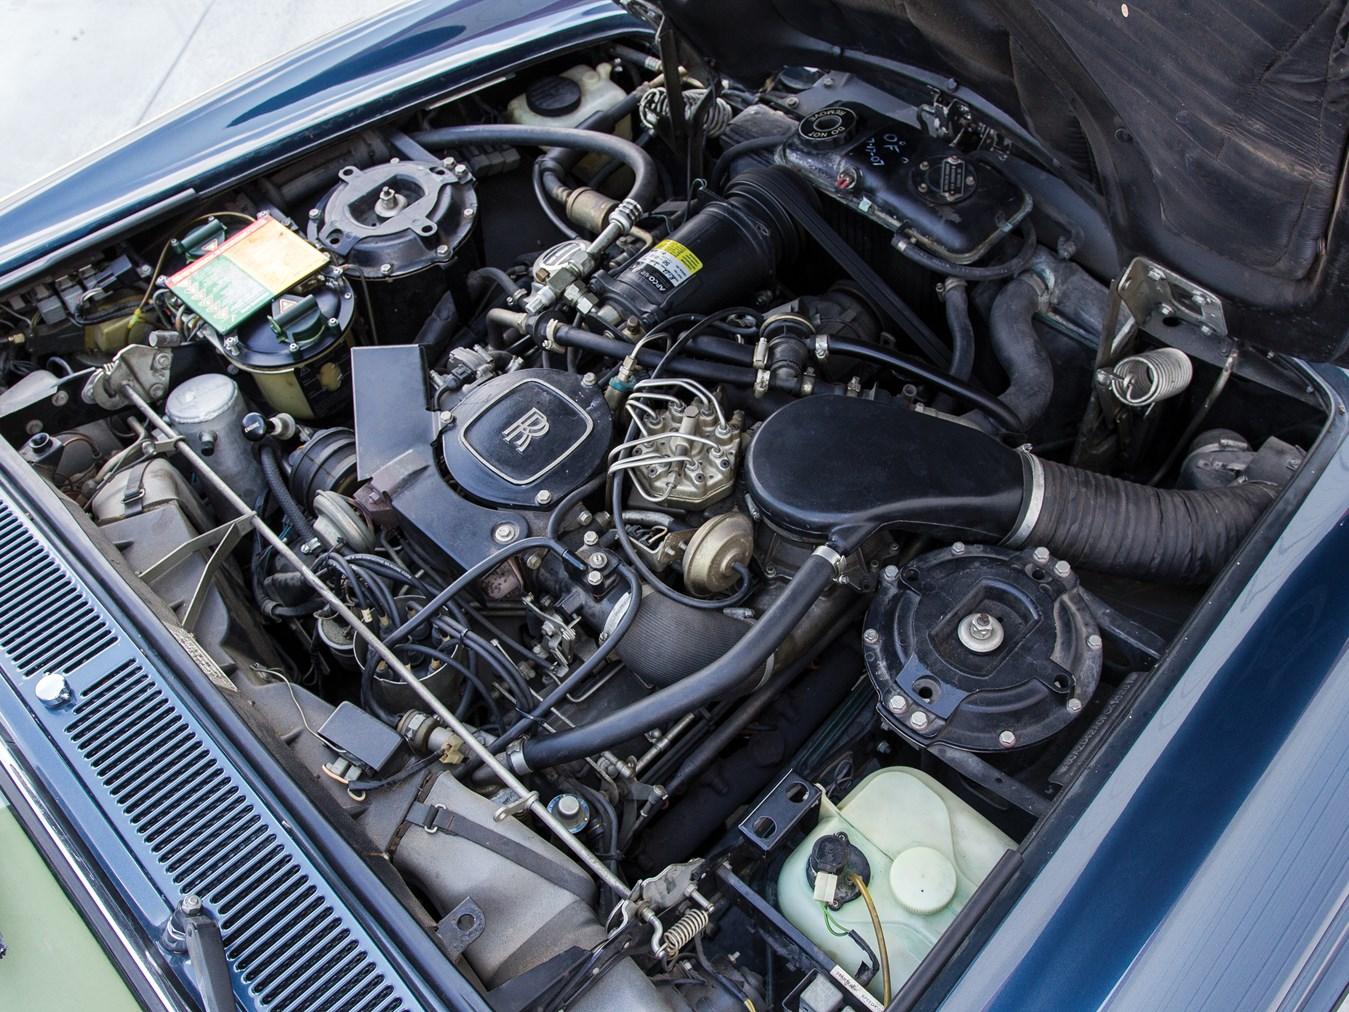 1985 Rolls-Royce Corniche Drophead Coupe engine